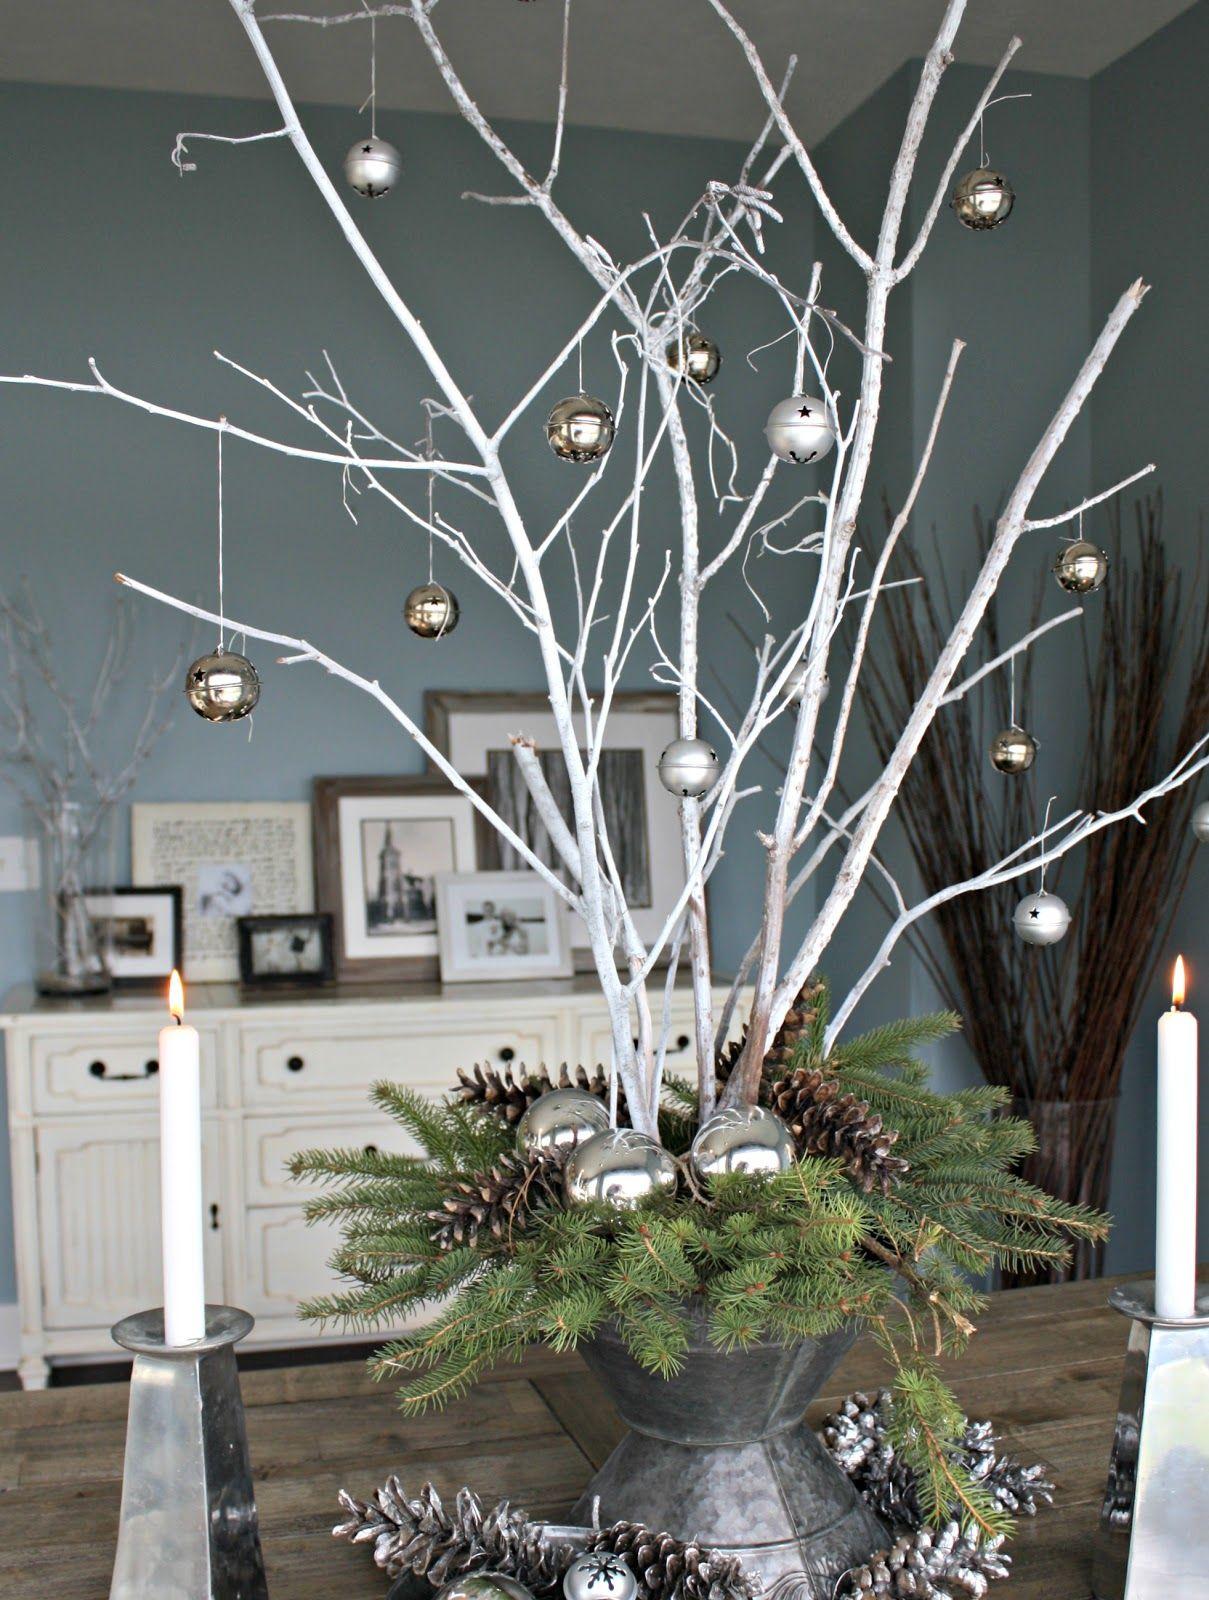 поделка из веток дерева на новый год